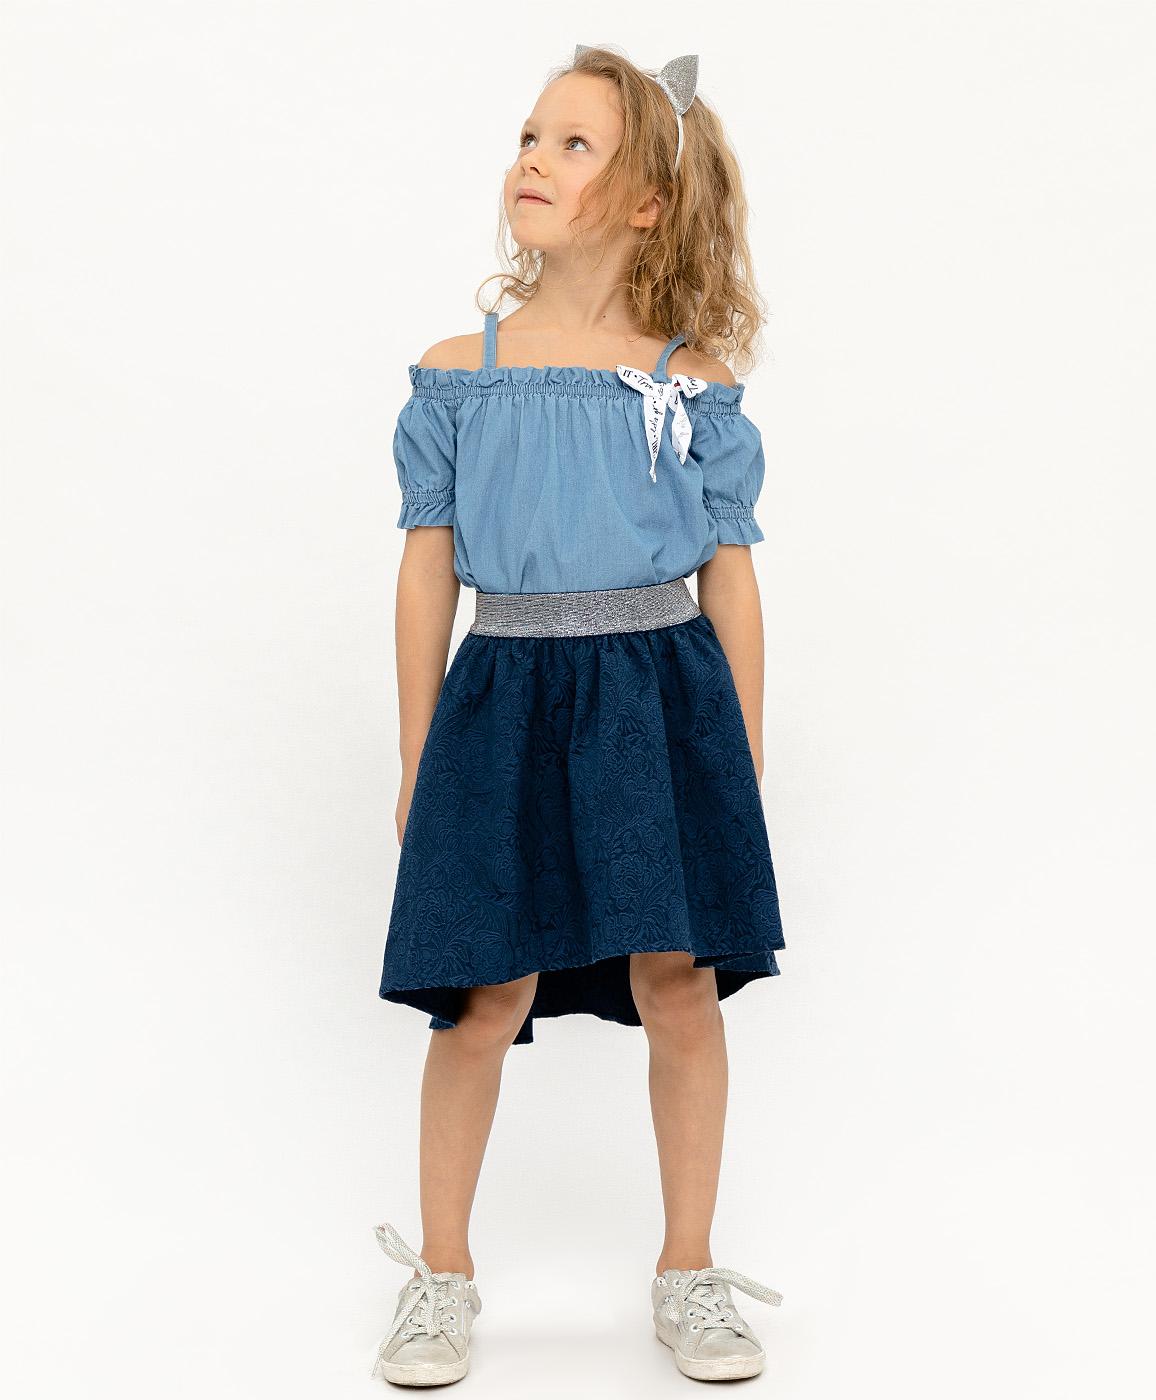 Купить 120BBGP61011000, Синяя жаккардовая юбка на резинке Button Blue, синий, 98, Женский, ВЕСНА/ЛЕТО 2020 (shop: GulliverMarket Gulliver Market)